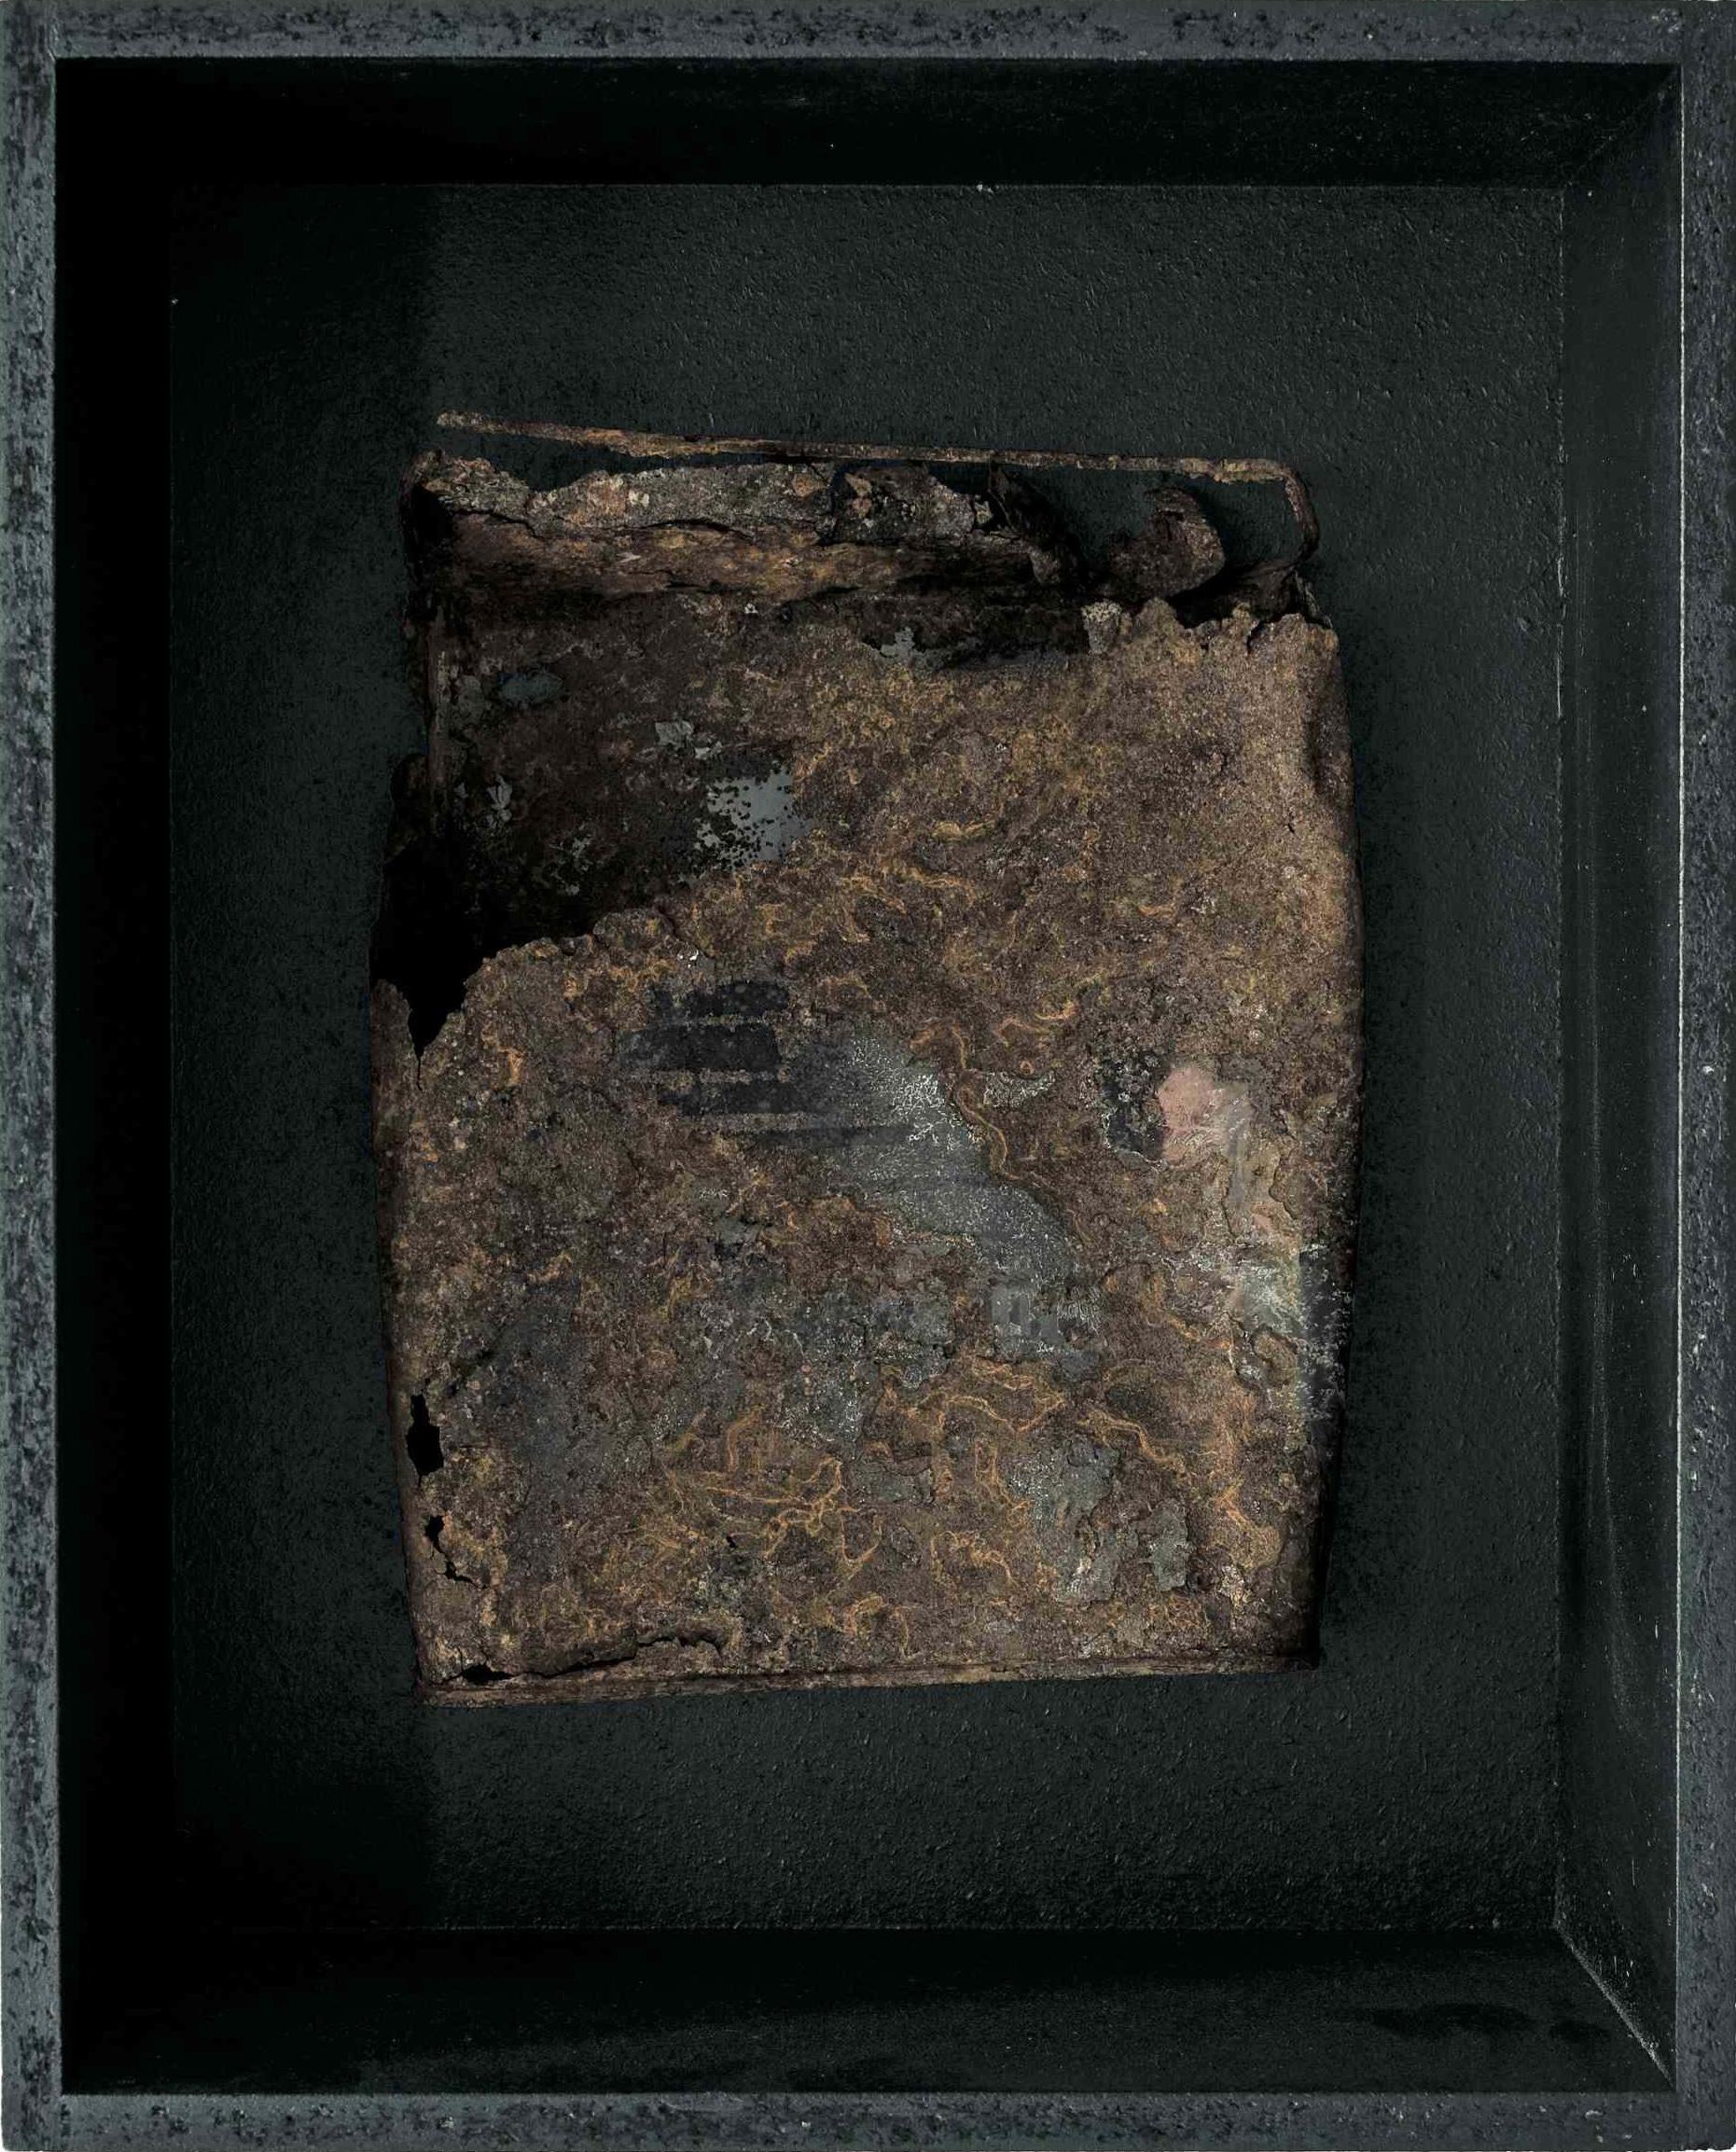 Transito verso il mistero, ferro combusto in scatola di legno, 36x29, 2007